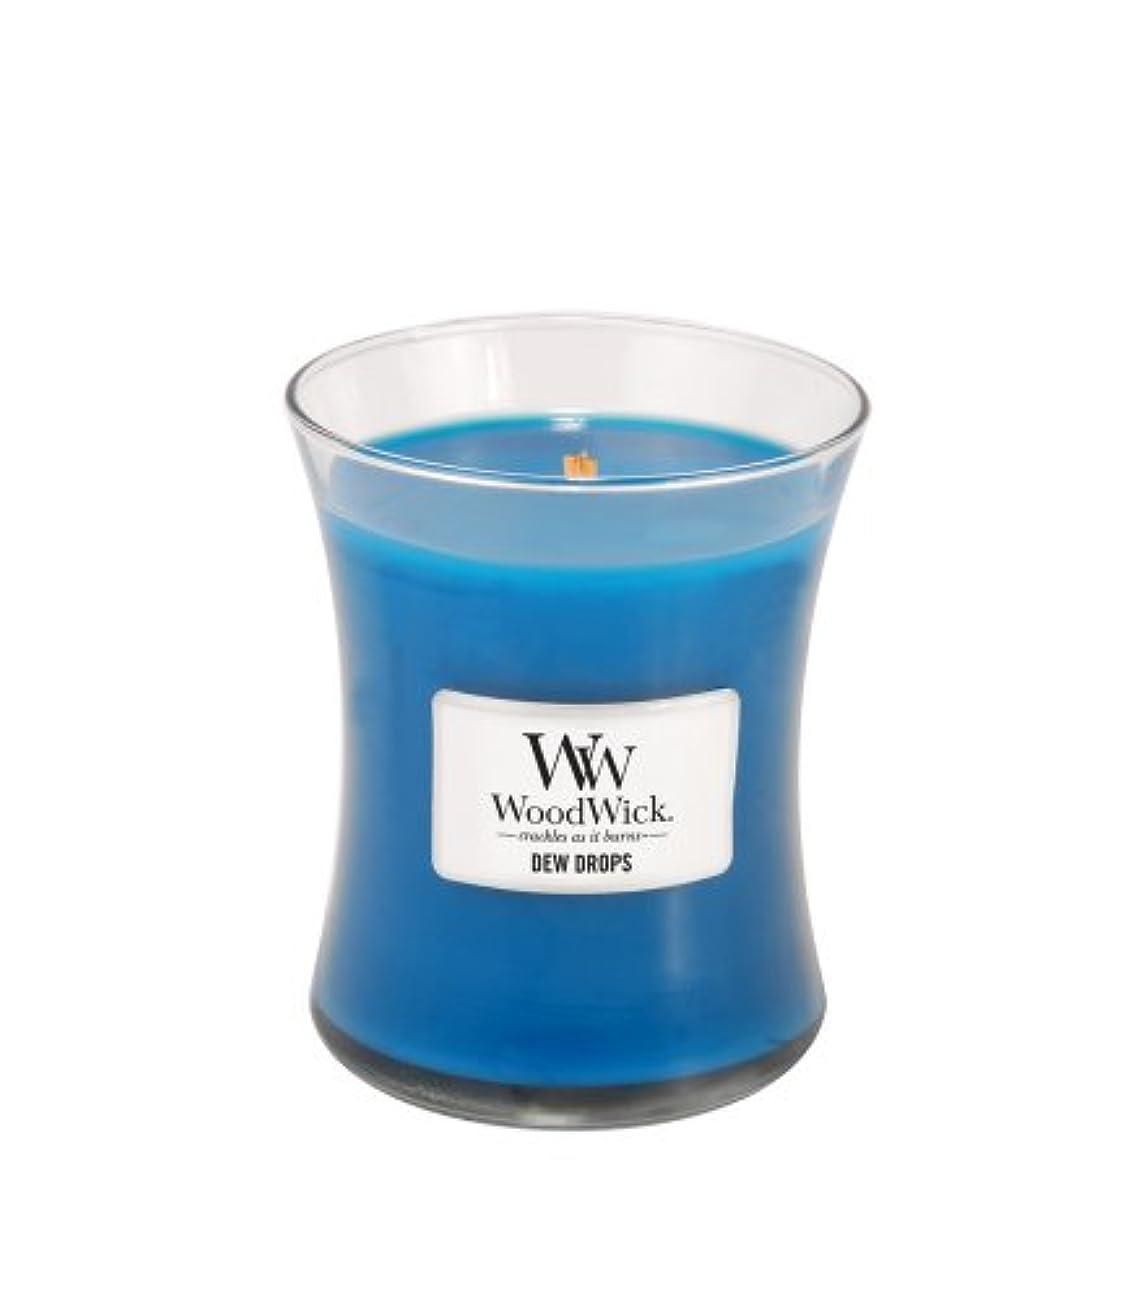 既婚思い出す愛撫(Medium) - WoodWick Dew Drops Fragrance Jar Candle, Medium